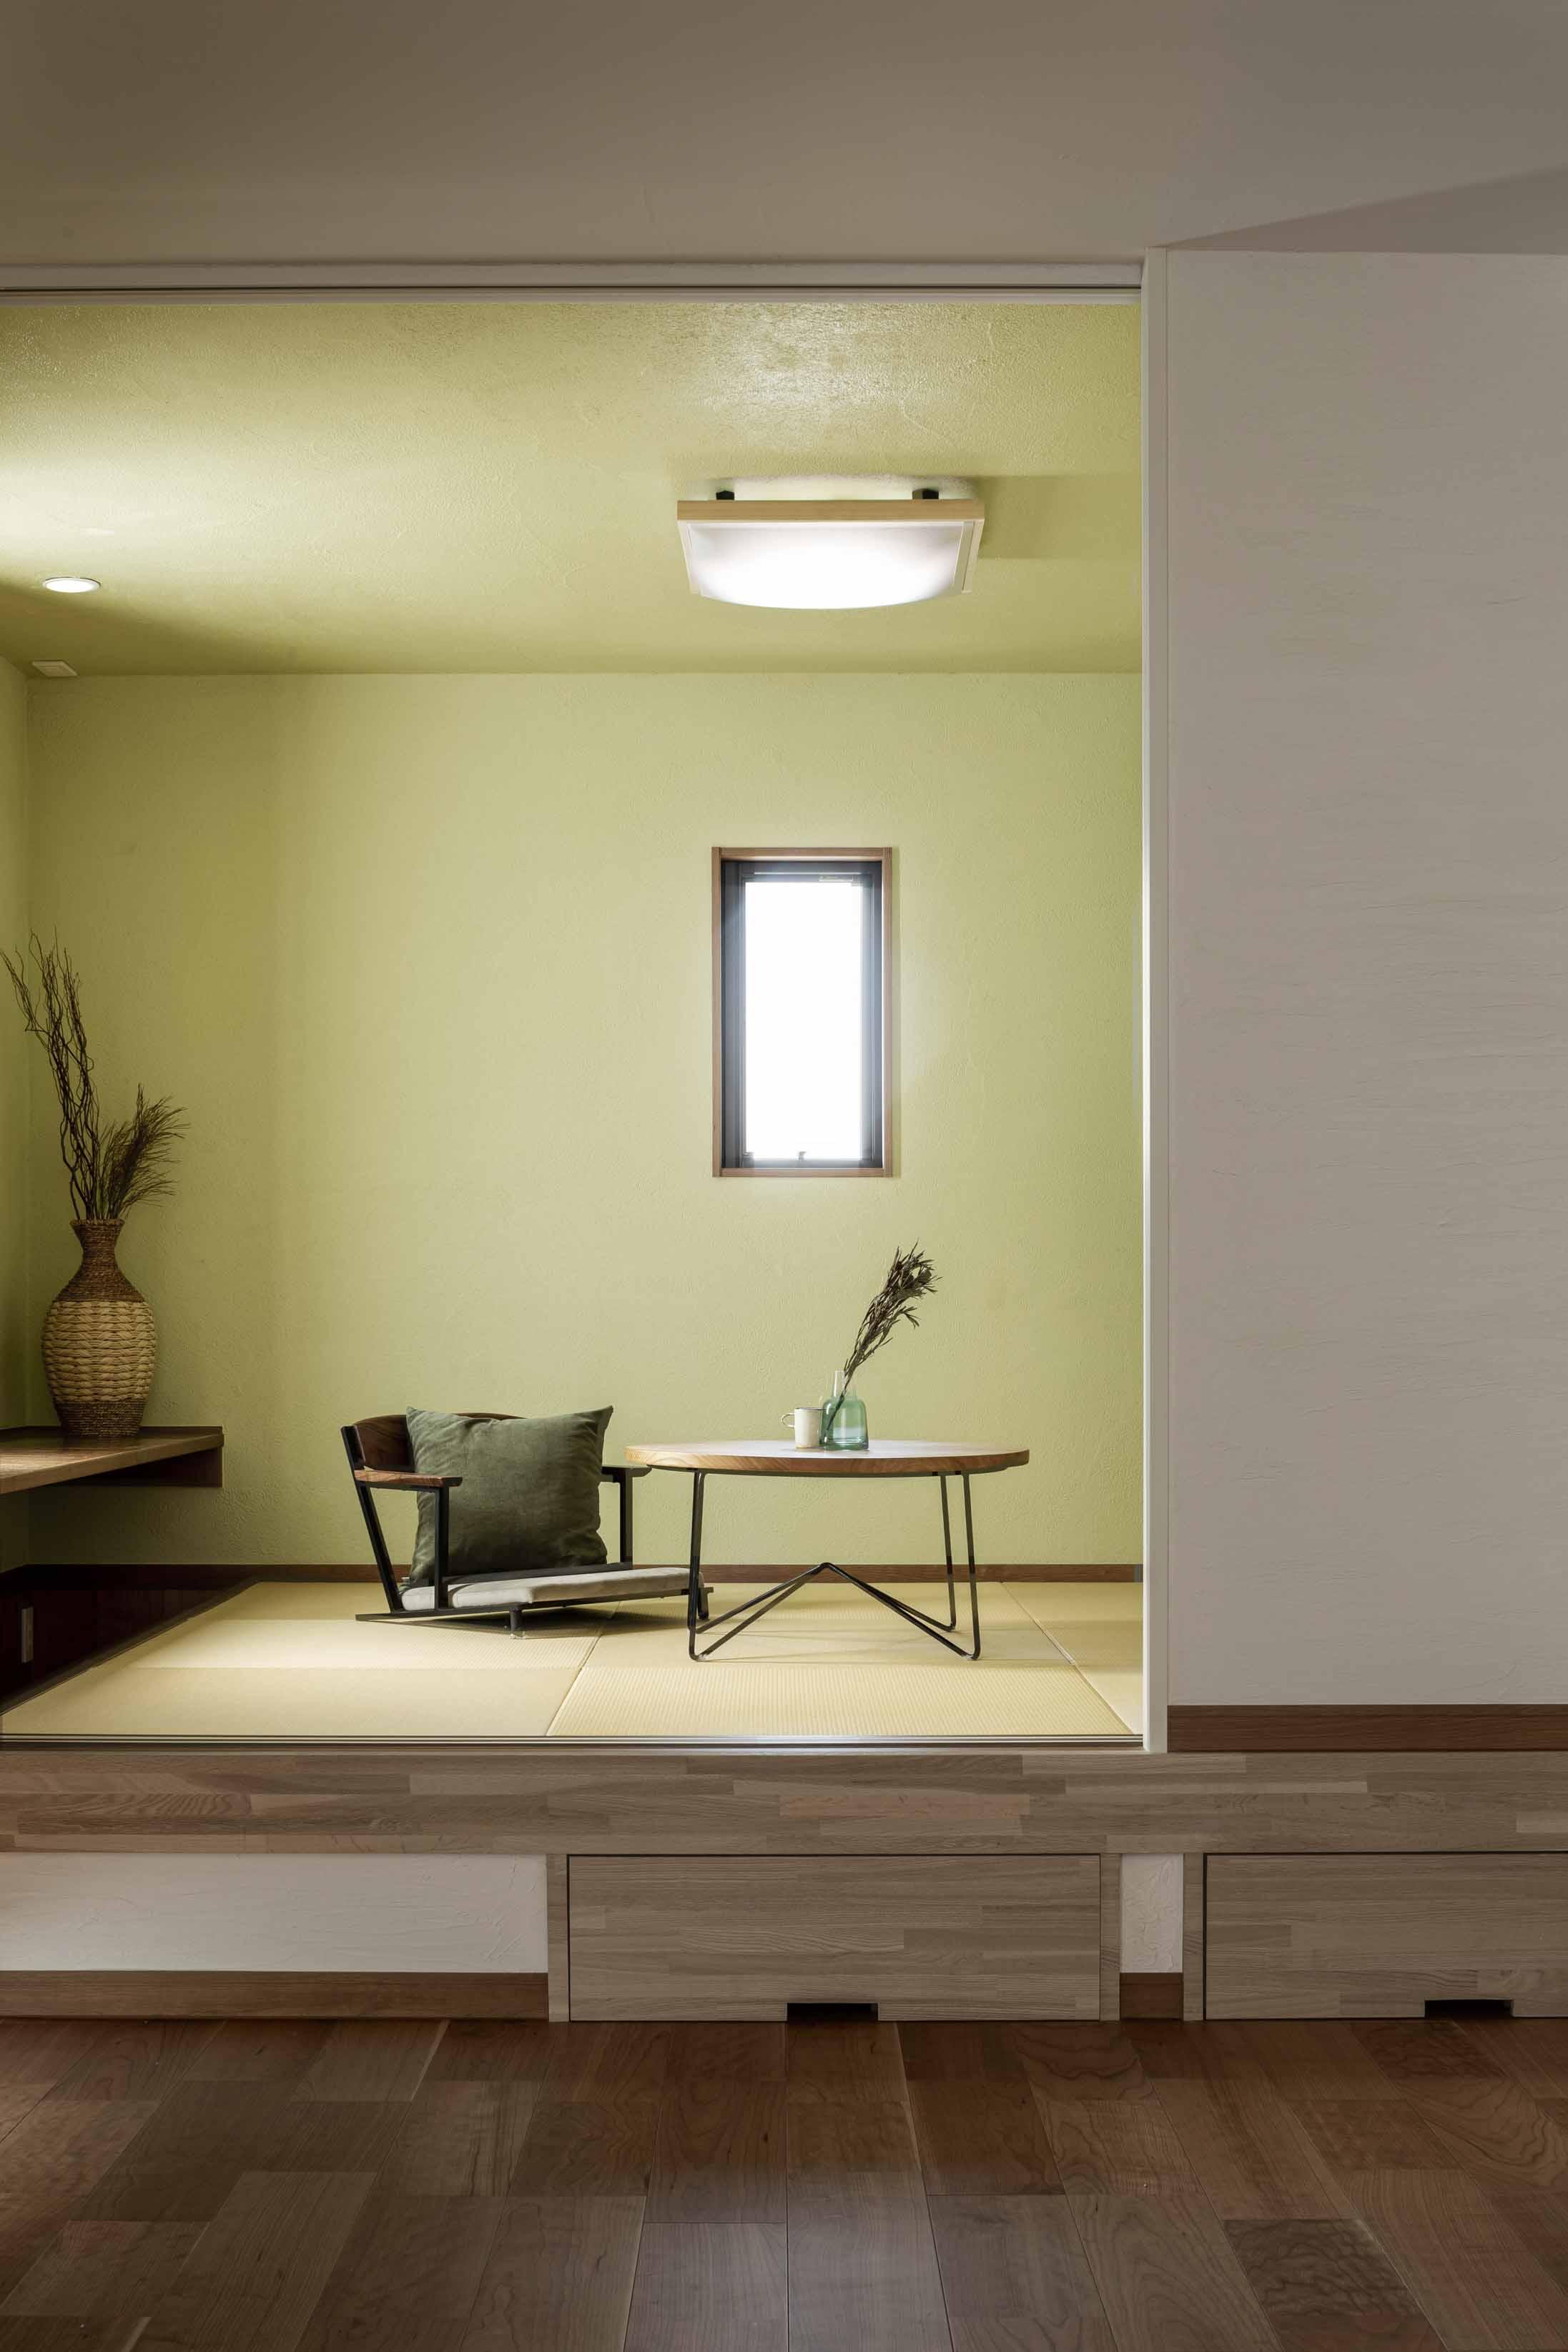 建築写真名古屋 家具レンタル稲沢市 家具レンタル ホームステージング名古屋 家具ディスプレイ